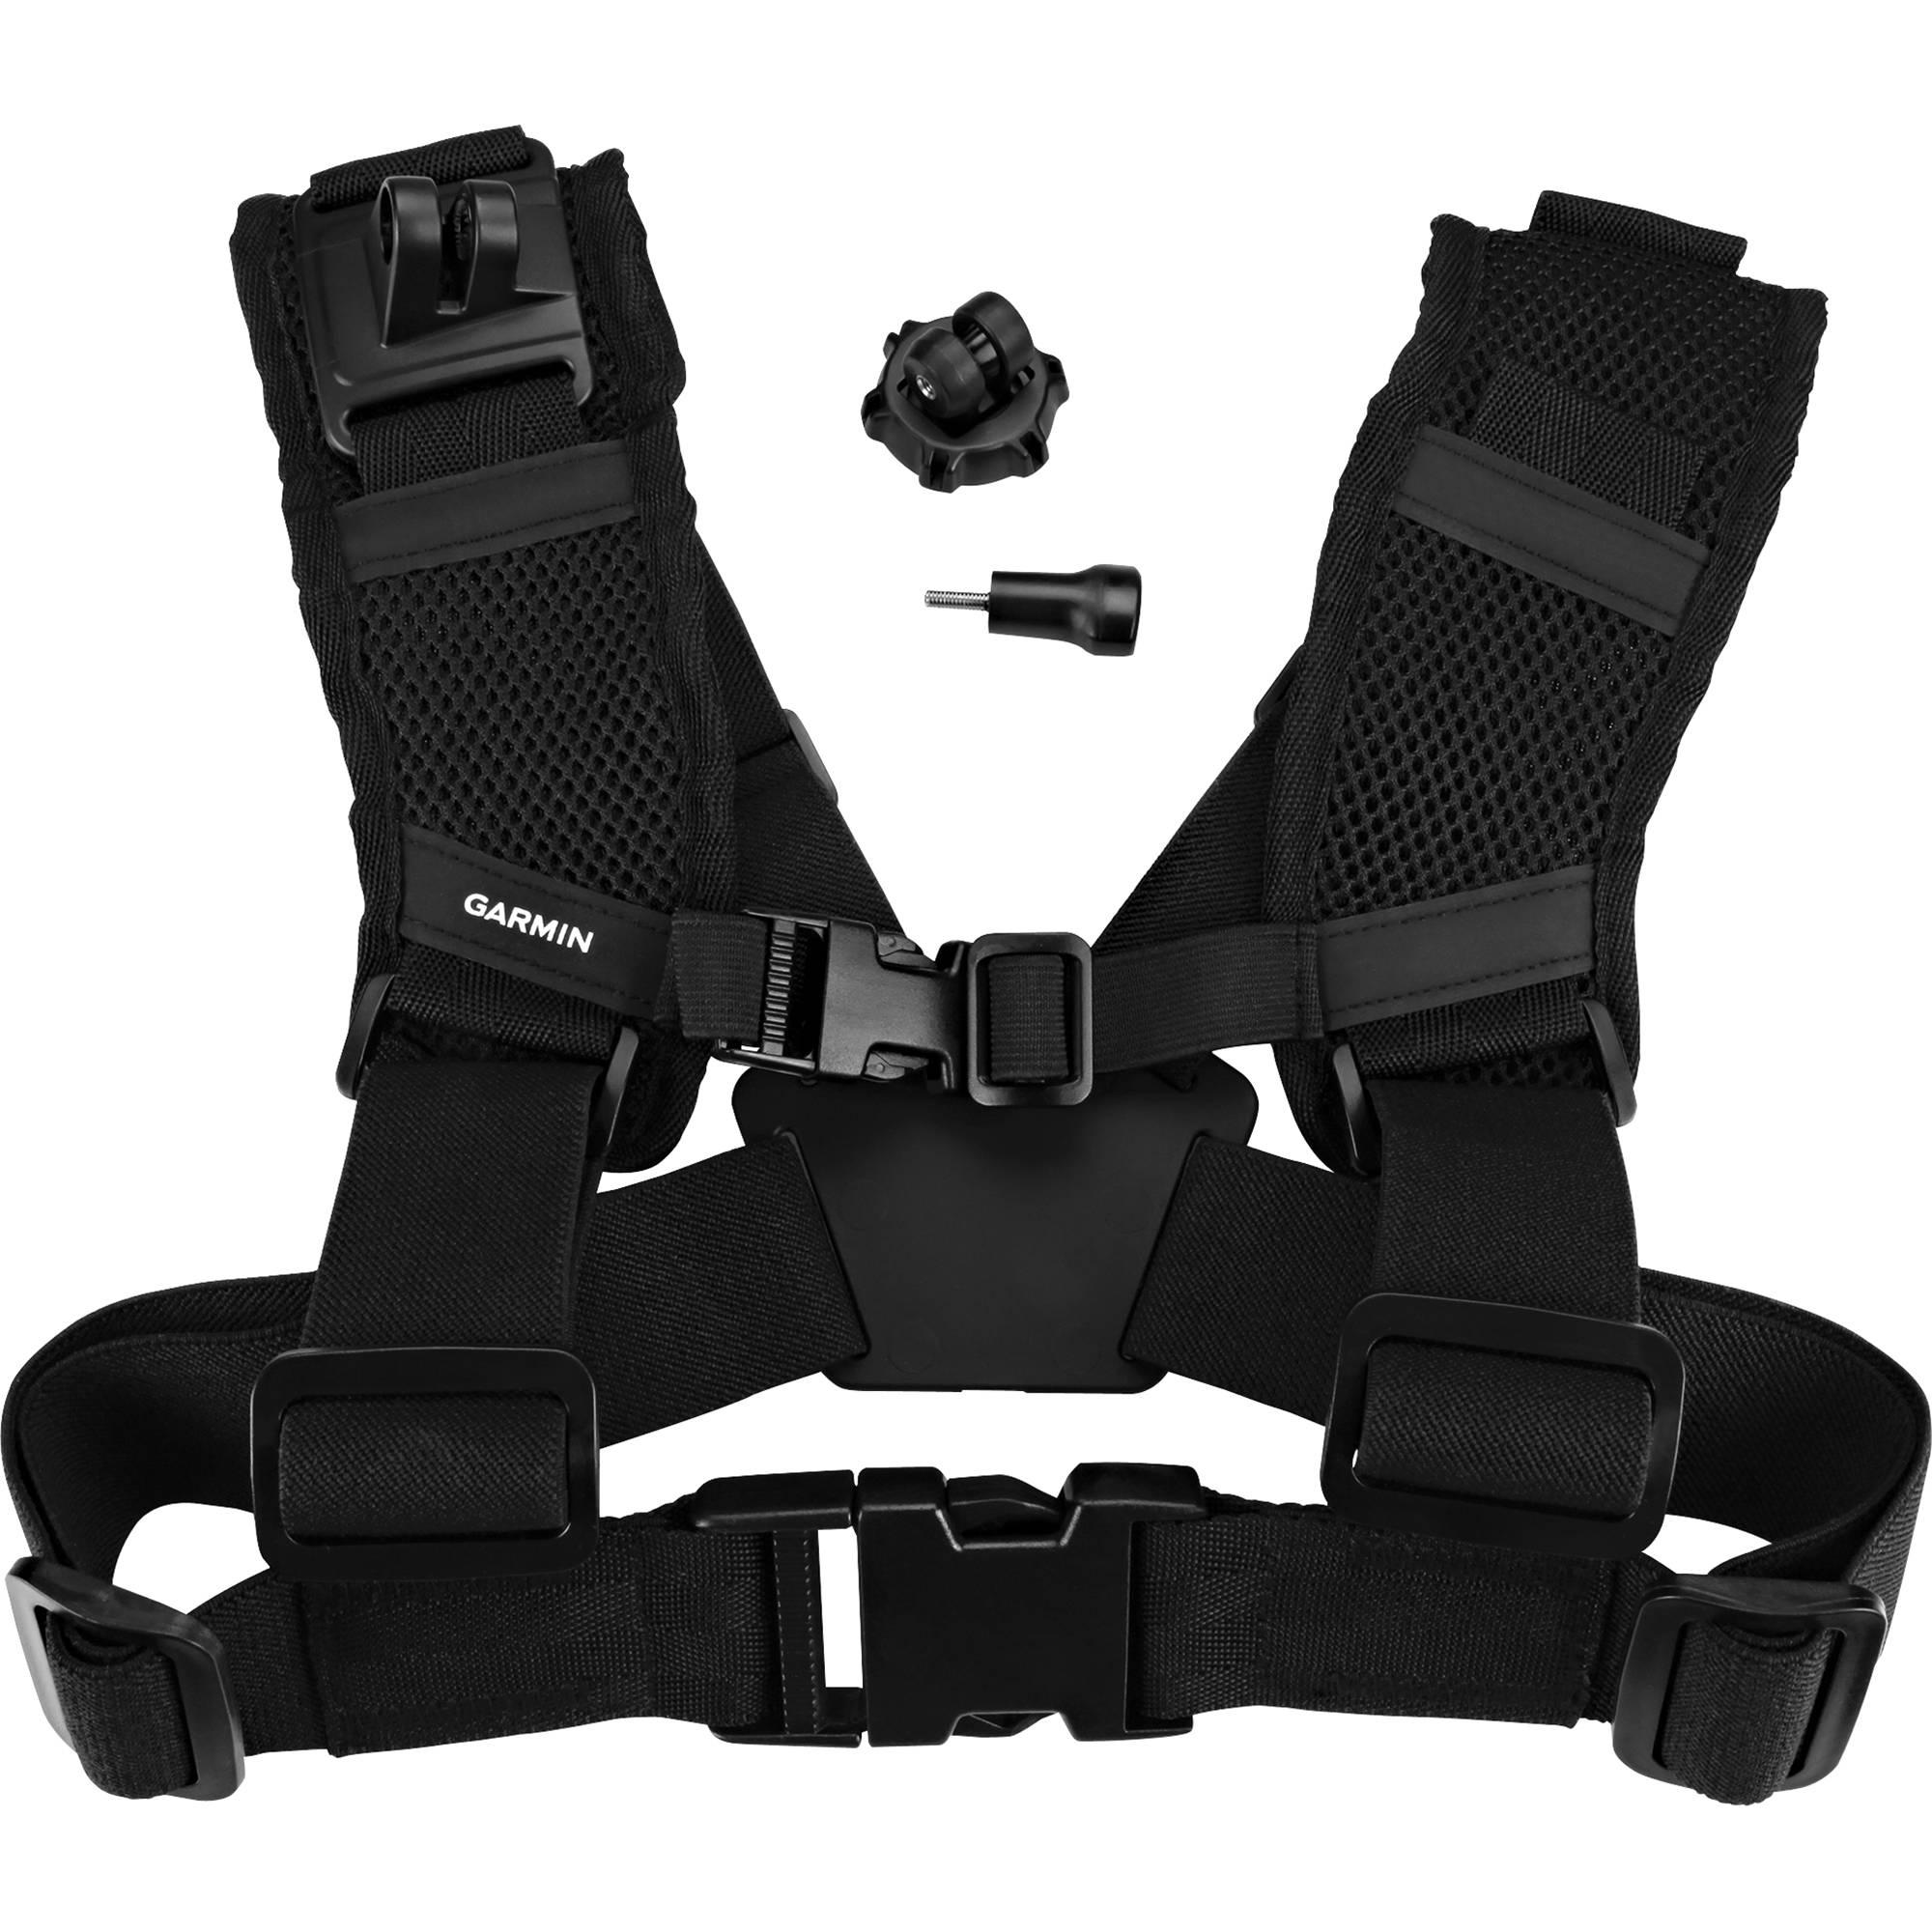 garmin_010_11921_10_shoulder_harness_mount_1044887 garmin shoulder harness mount 010 11921 10 b&h photo video